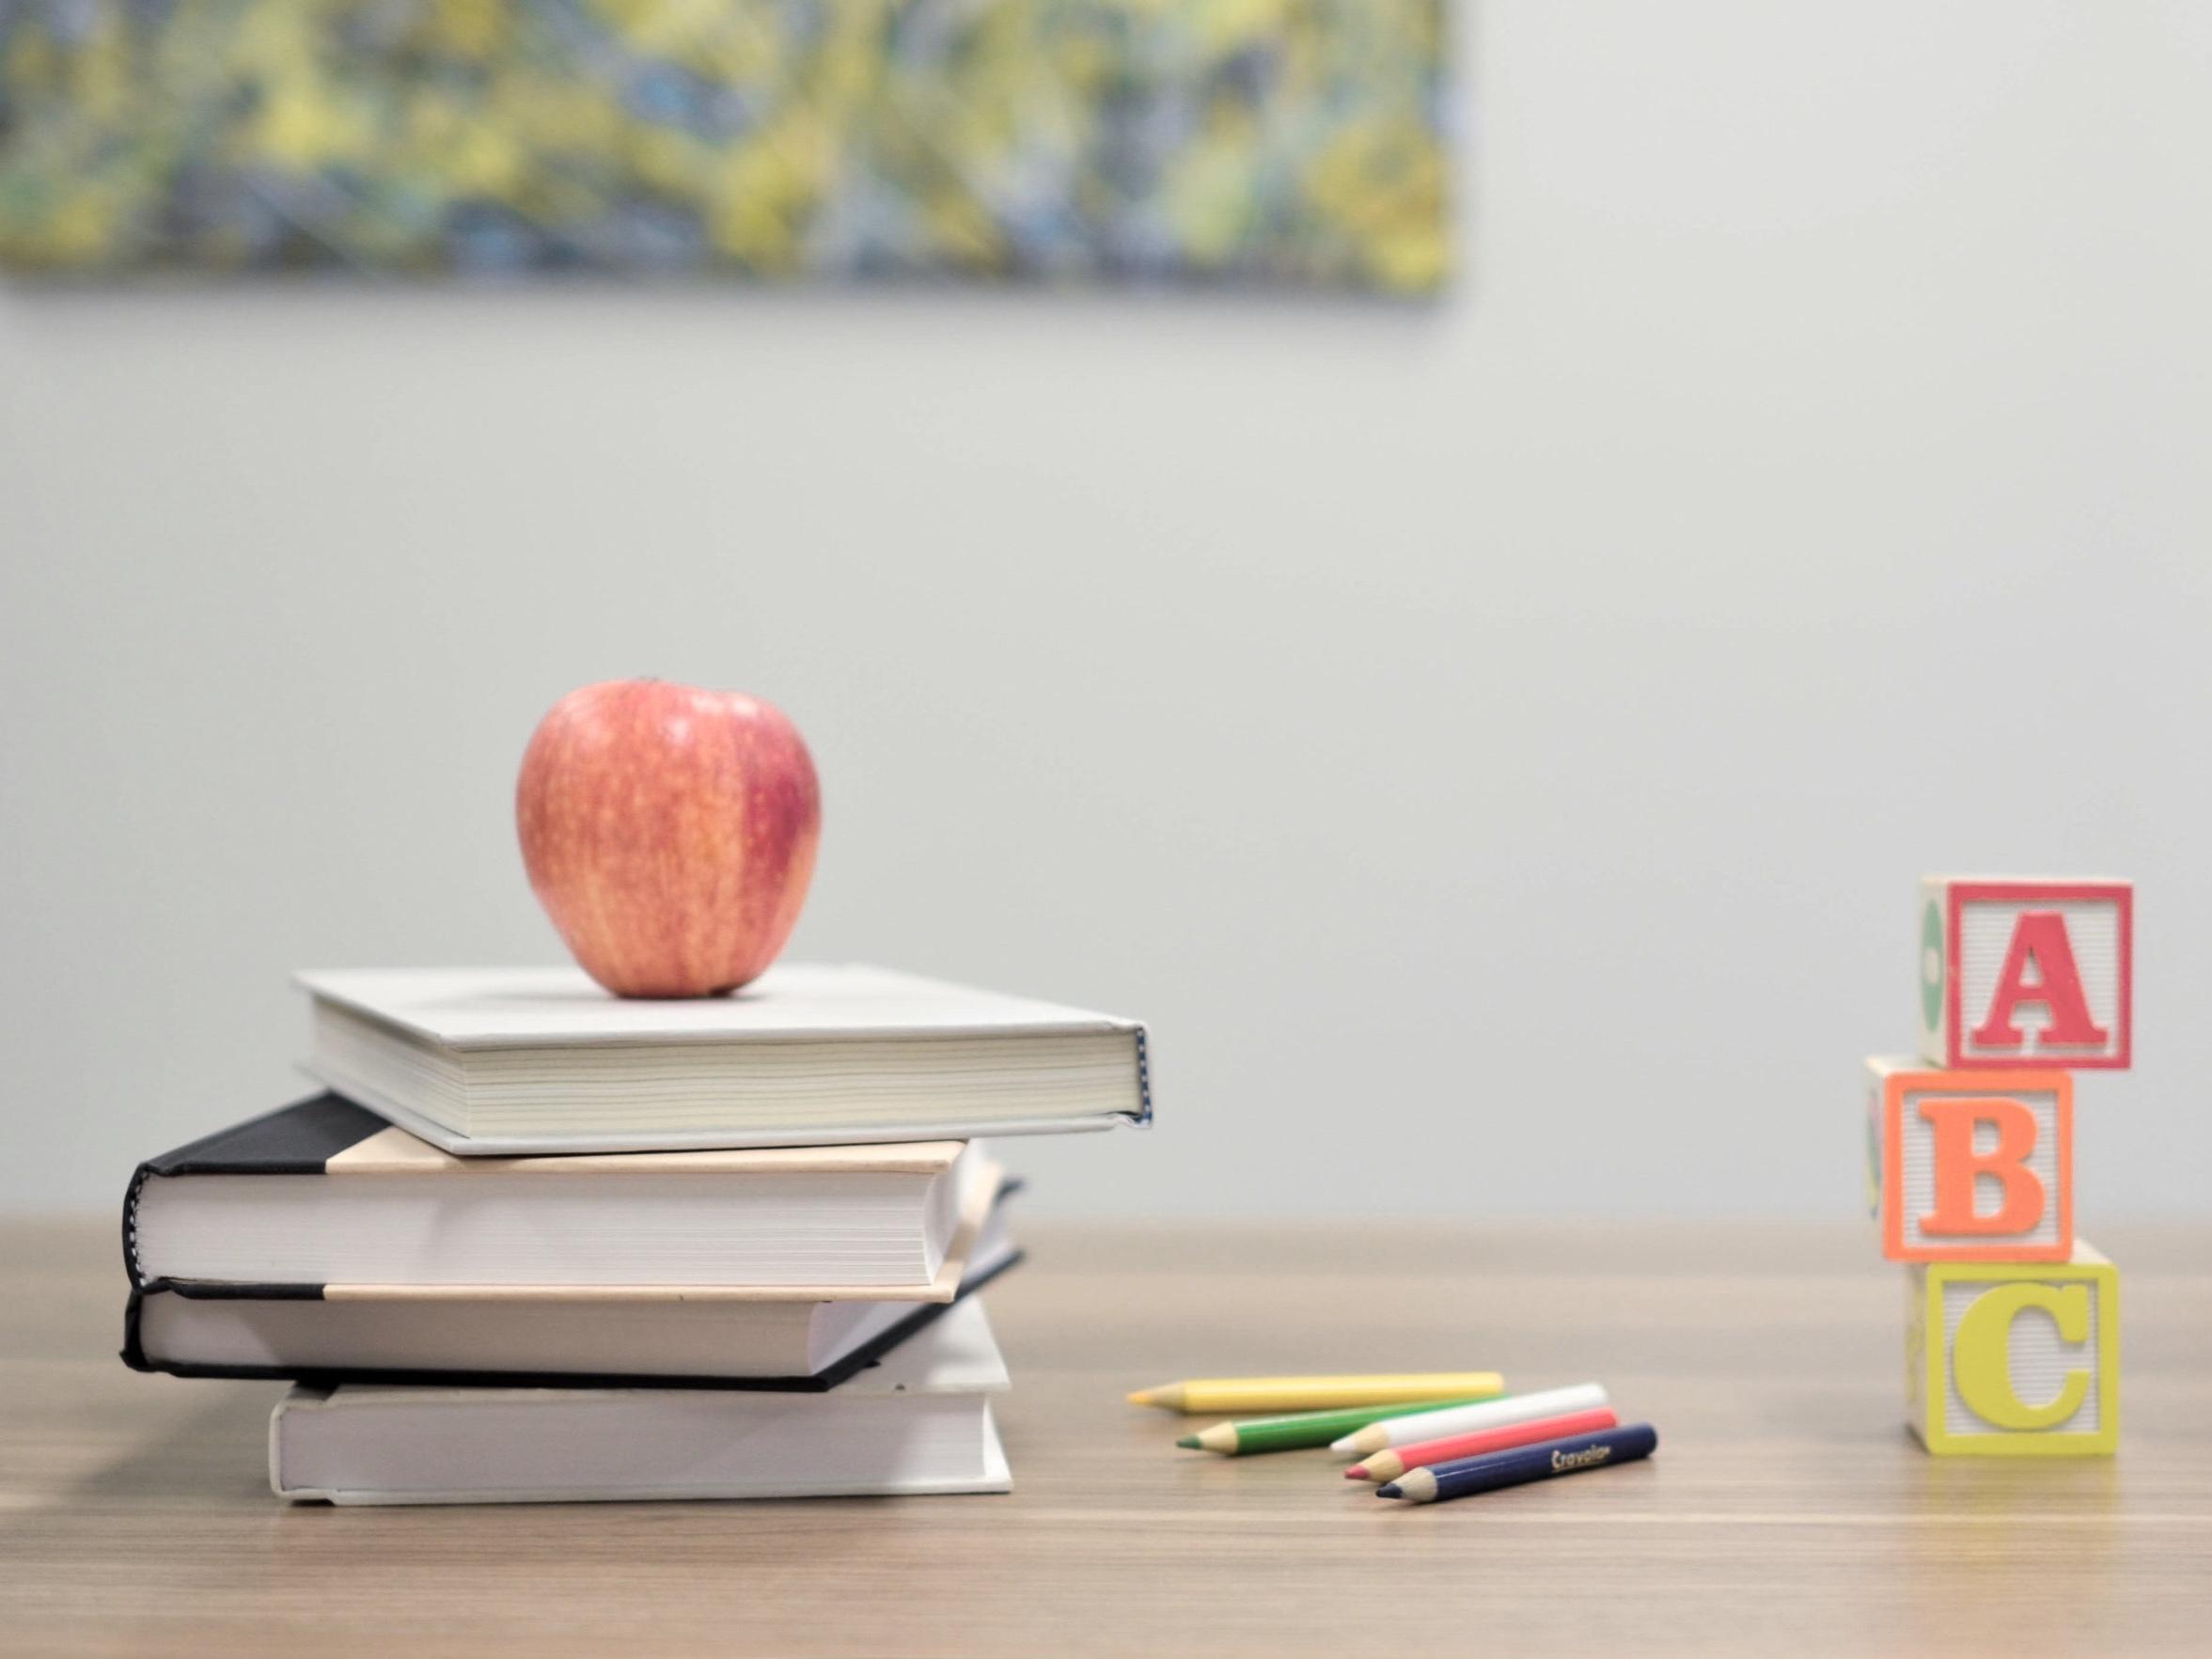 Schulen & Fortbildung - Wir verschaffen Ihnen einen Überblick über das Bildungssystem in der Schweiz und helfen Ihnen bei der Auswahl der richtigen Schule.